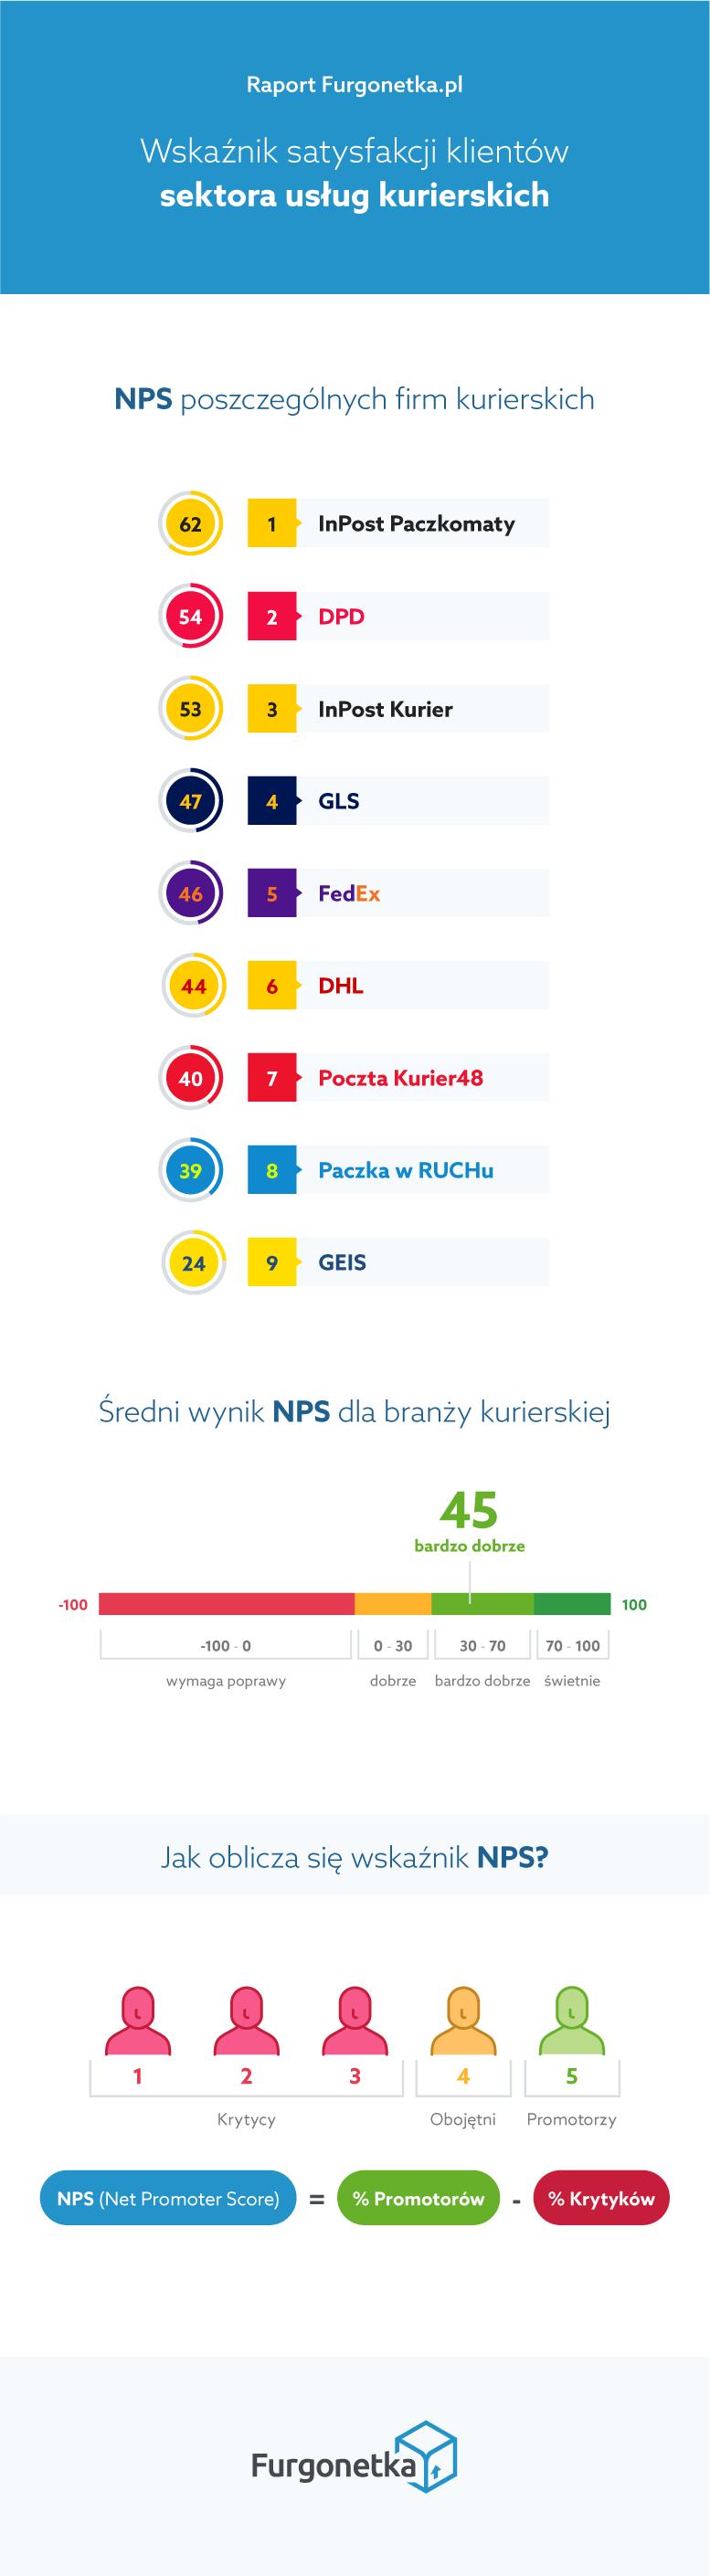 Wskaźnik satysfakcji klientów sektora usług kurierskich